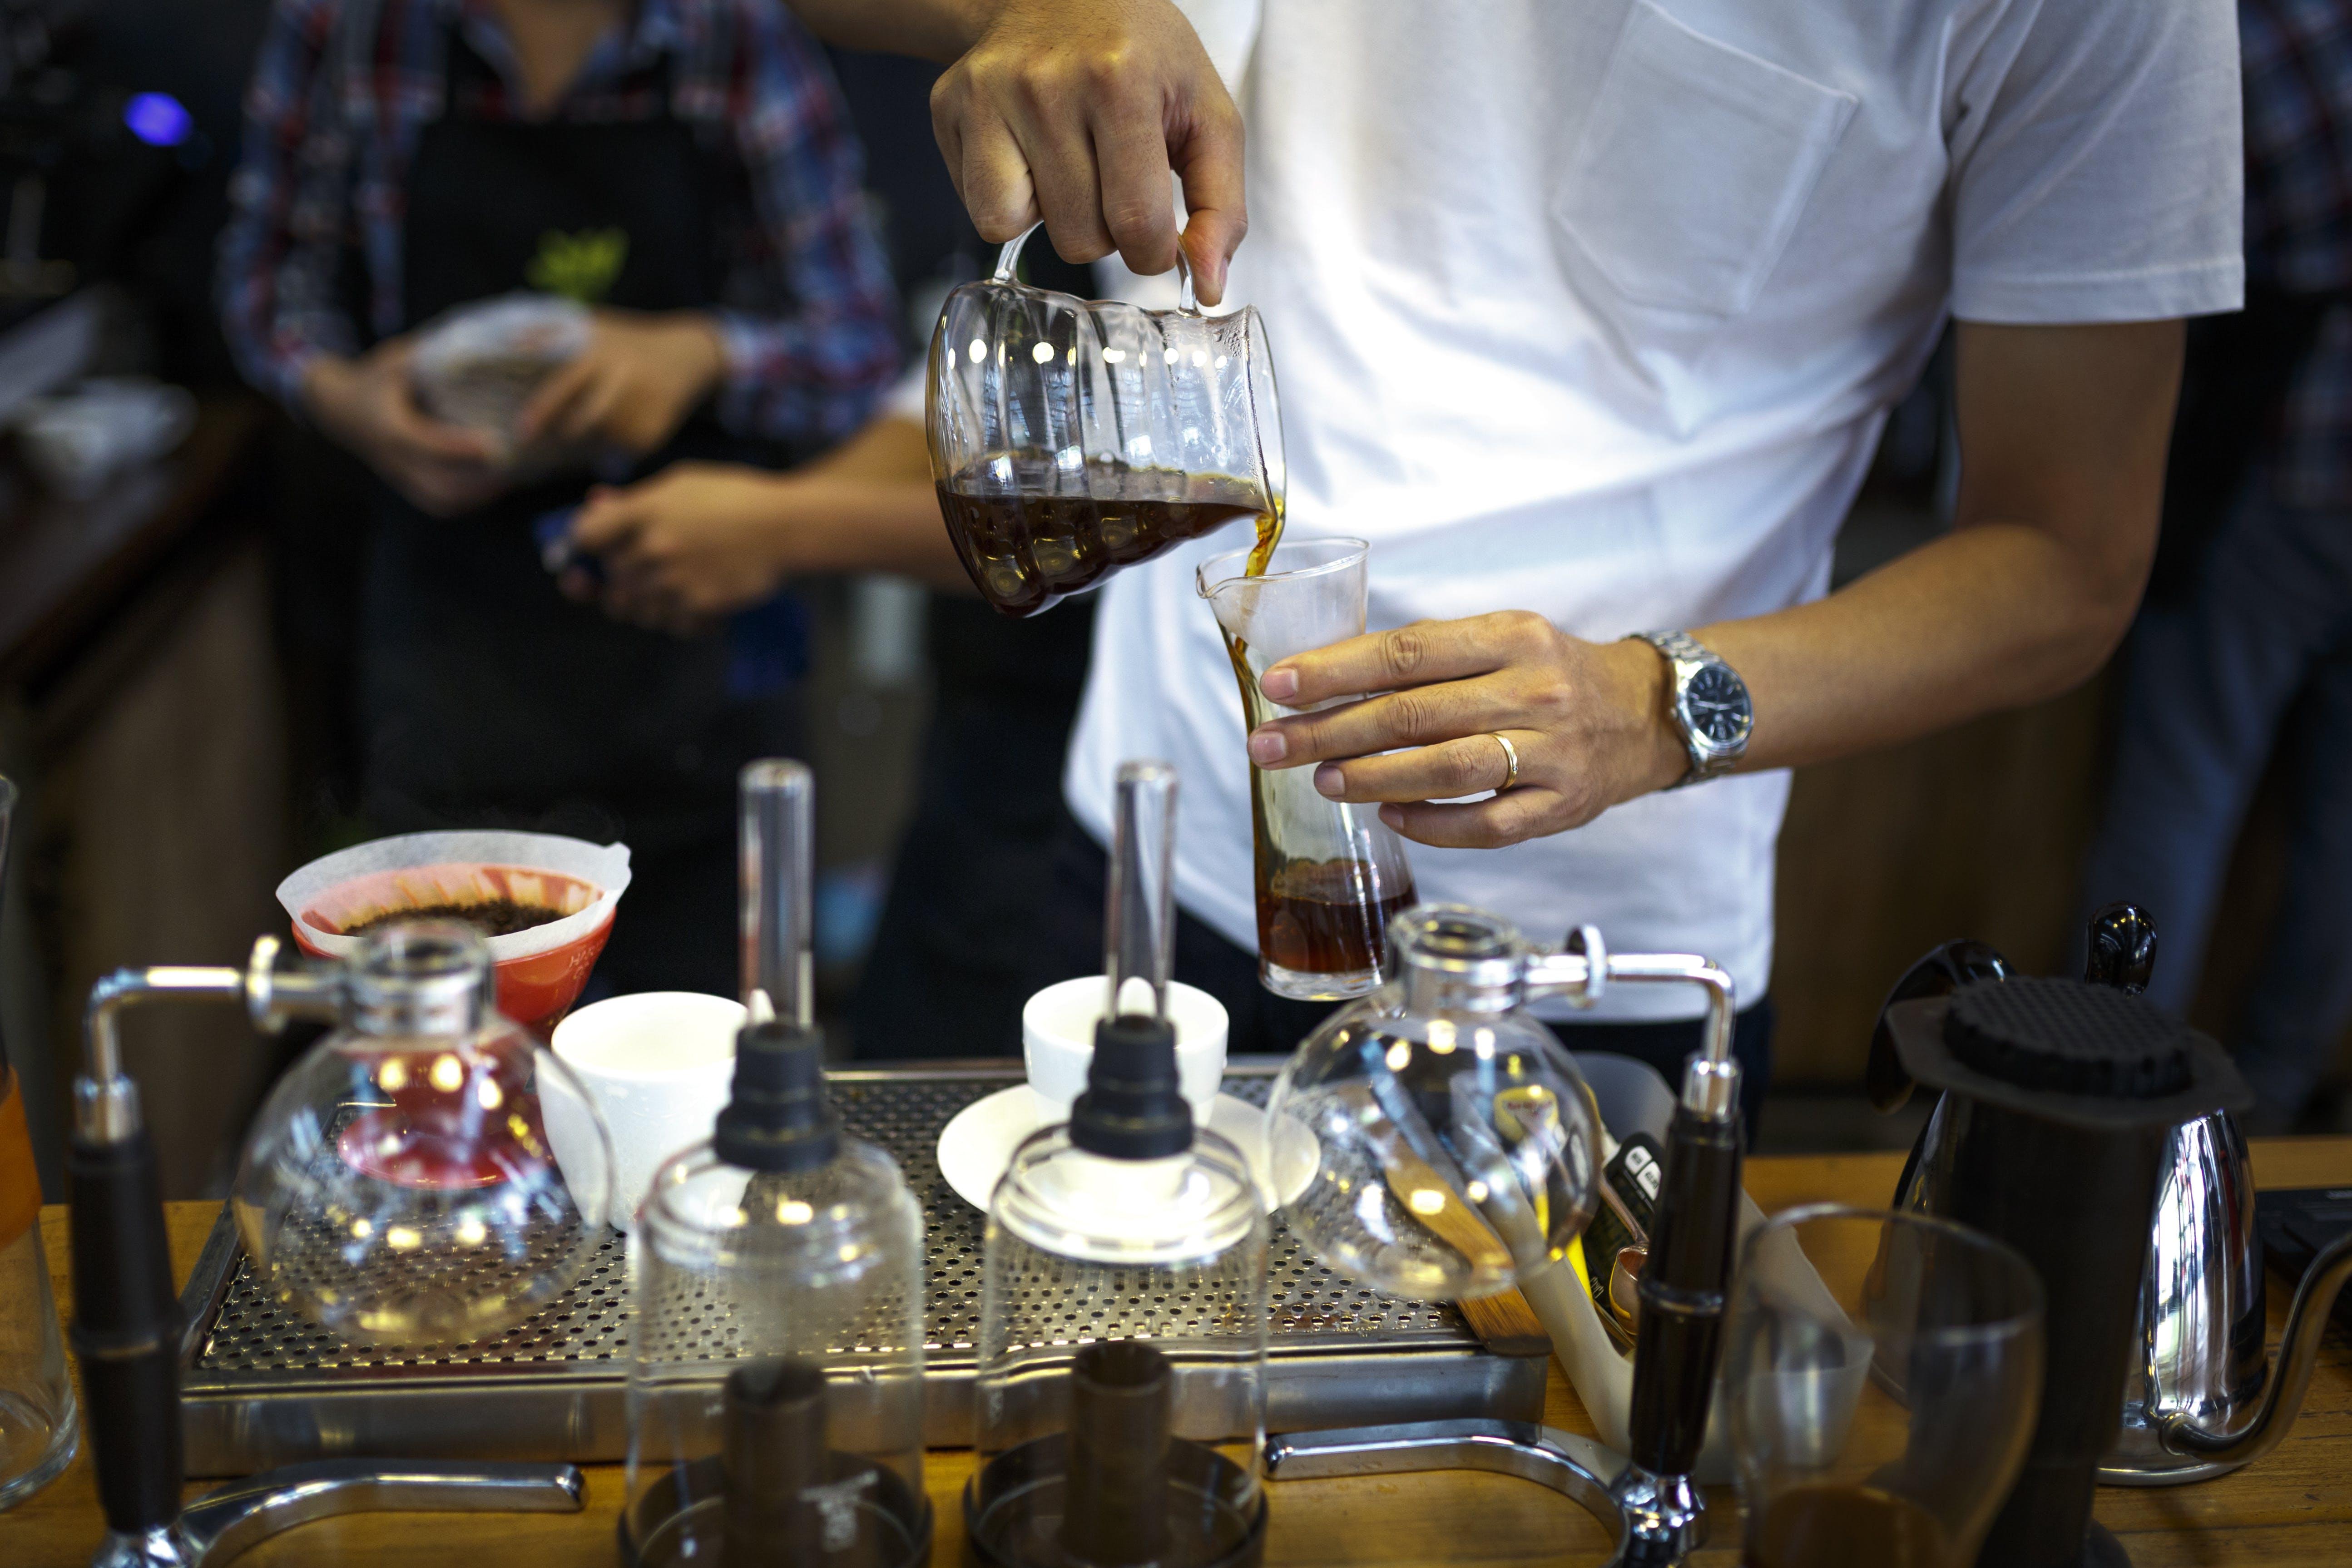 一杯咖啡, 人, 傾注, 可口的 的 免費圖庫相片